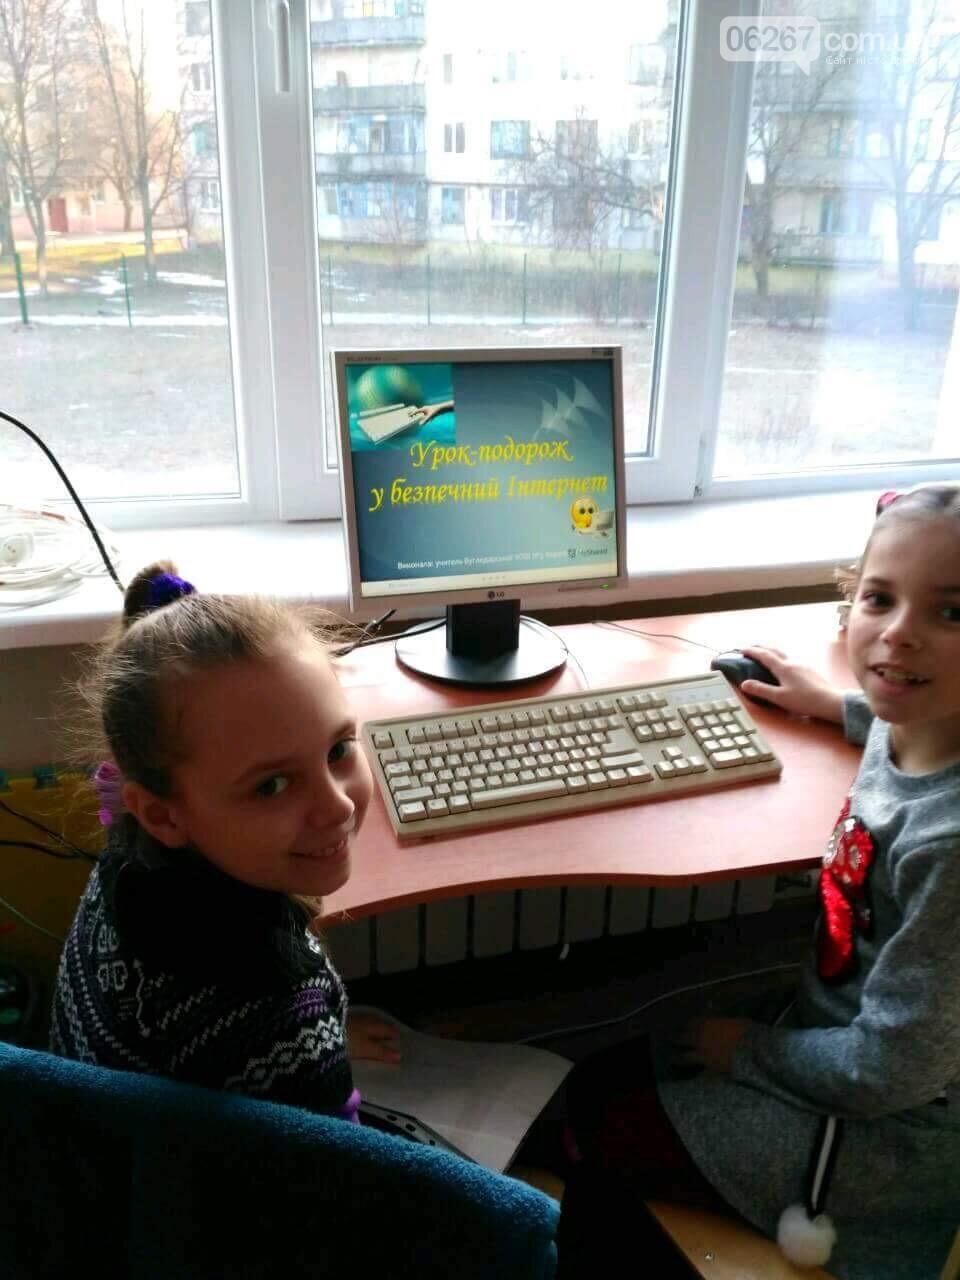 Не запутаться в Сети: В дружковской школе №17 День безопасного интернета отметили практическими занятиями (ФОТО), фото-1